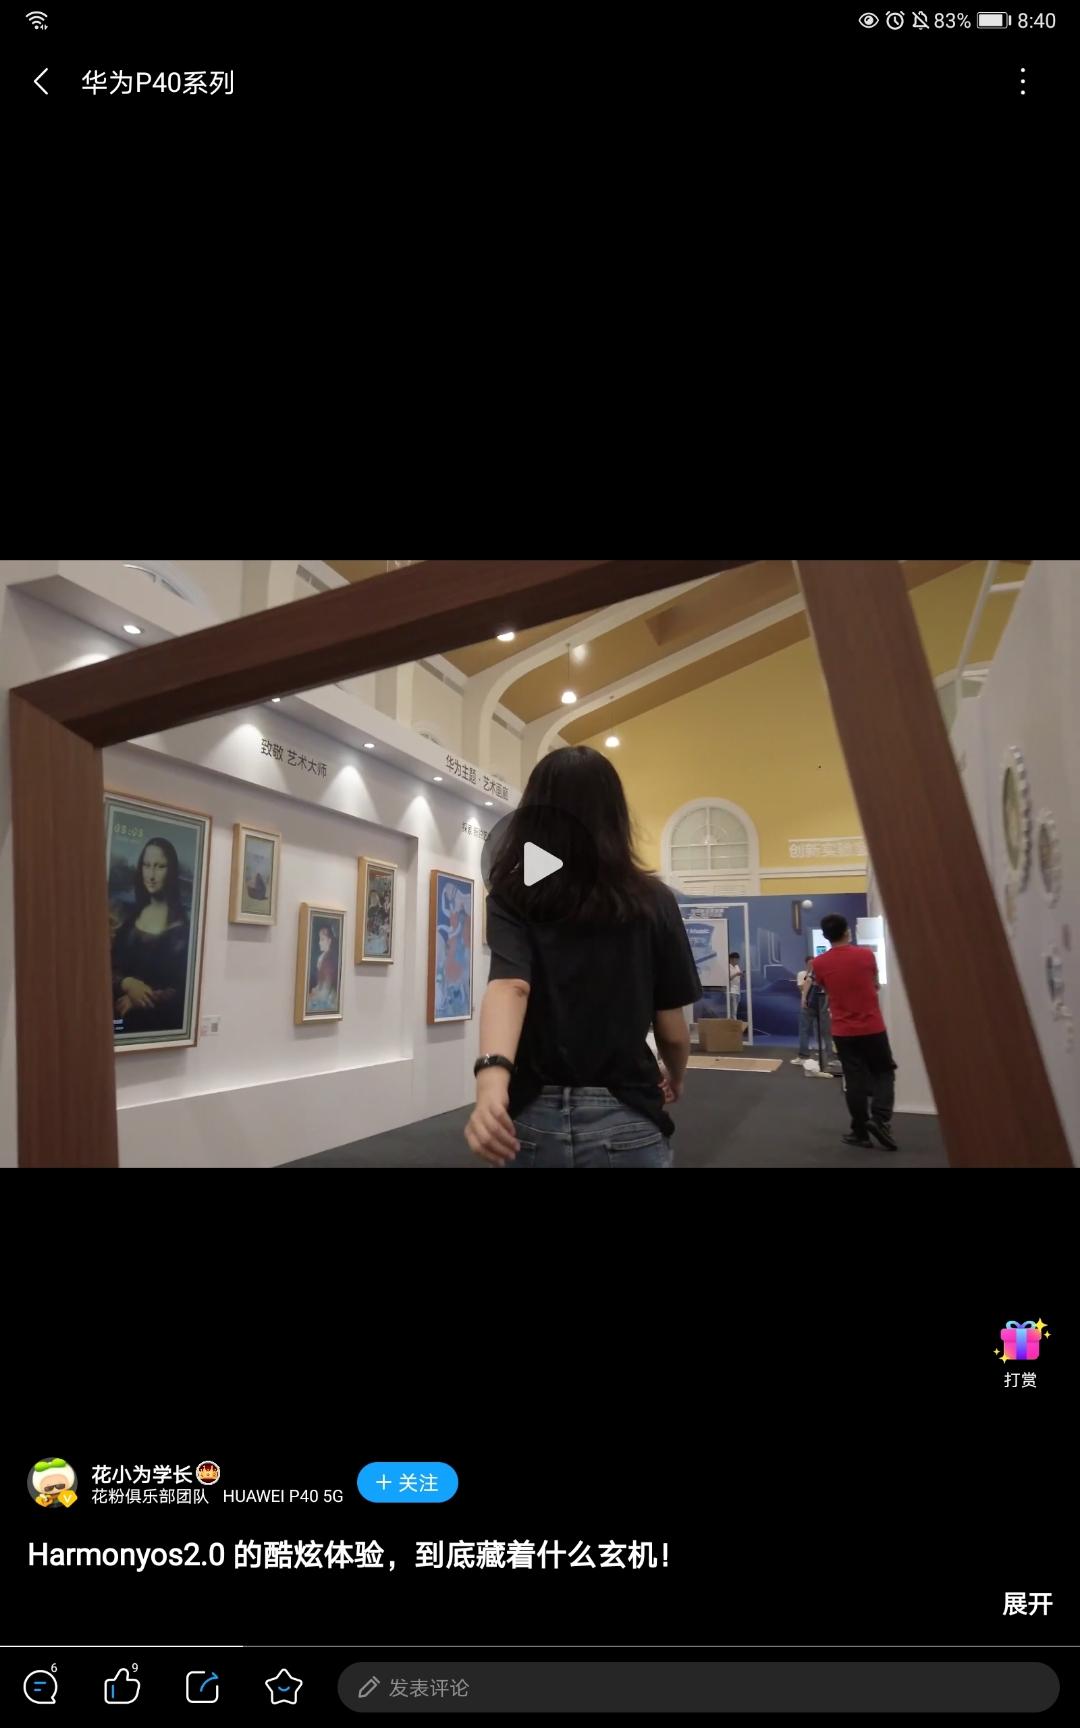 Screenshot_20200913_084052_com.huawei.fans.jpg